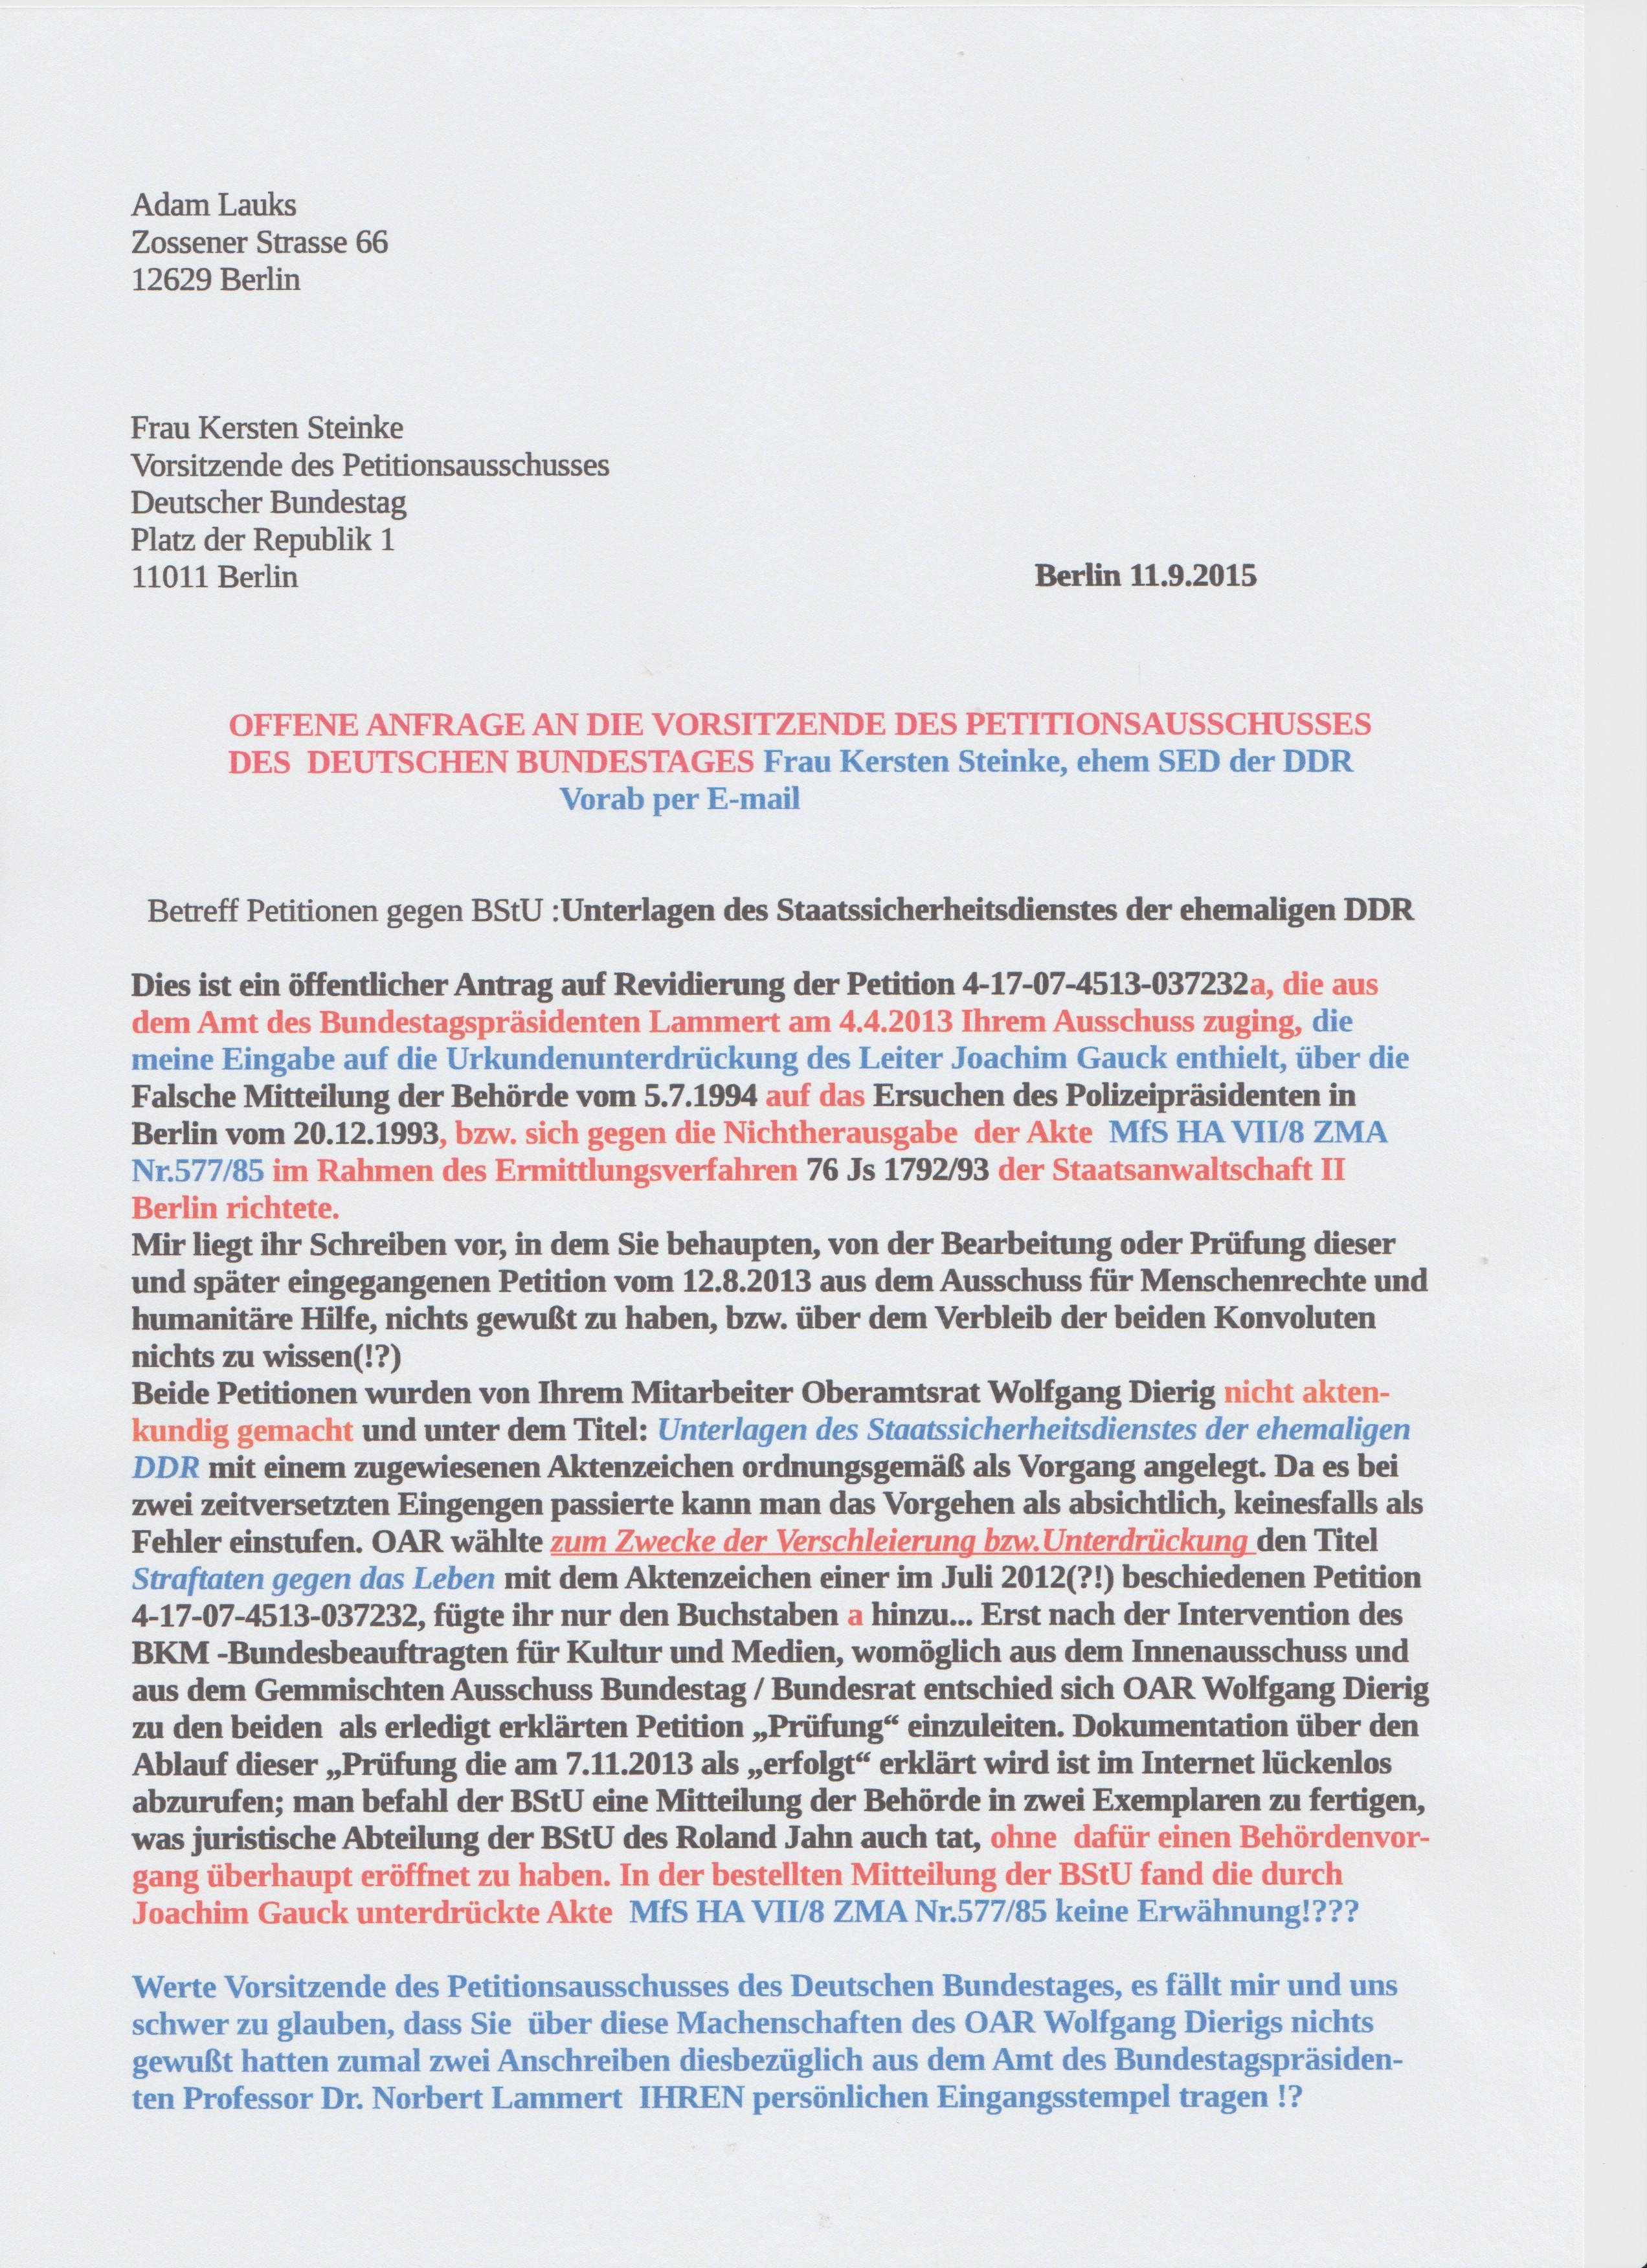 Dies ist ein öffentlicher Antrag auf Revidierung der Petition 4-17-07-4513-037232a, die aus dem Amt des Bundestagspräsidenten Lammert am 04.04.2013 in Ihrem Ausschuss zuging, die meine Eingabe auf die Urkundenunterdrückung des Leiter Joachim Gauck enthielt, über die FALSCHE MITTEILUNG DER BEHÖRDE vom 05.07.1994 auf das Ersuchen des Polizeipräsidenten in Berlin vom 20.12.1993, bzw. sich gegen Nichtherausgabe/Unterdrückung der Akte MFS HA VII/8 ZMA Nr. 577/85, im Rahmen des Ermittlungsverfahren 76 Js 1792/93 der Staatsanwaltschaft II Berlin richtete.